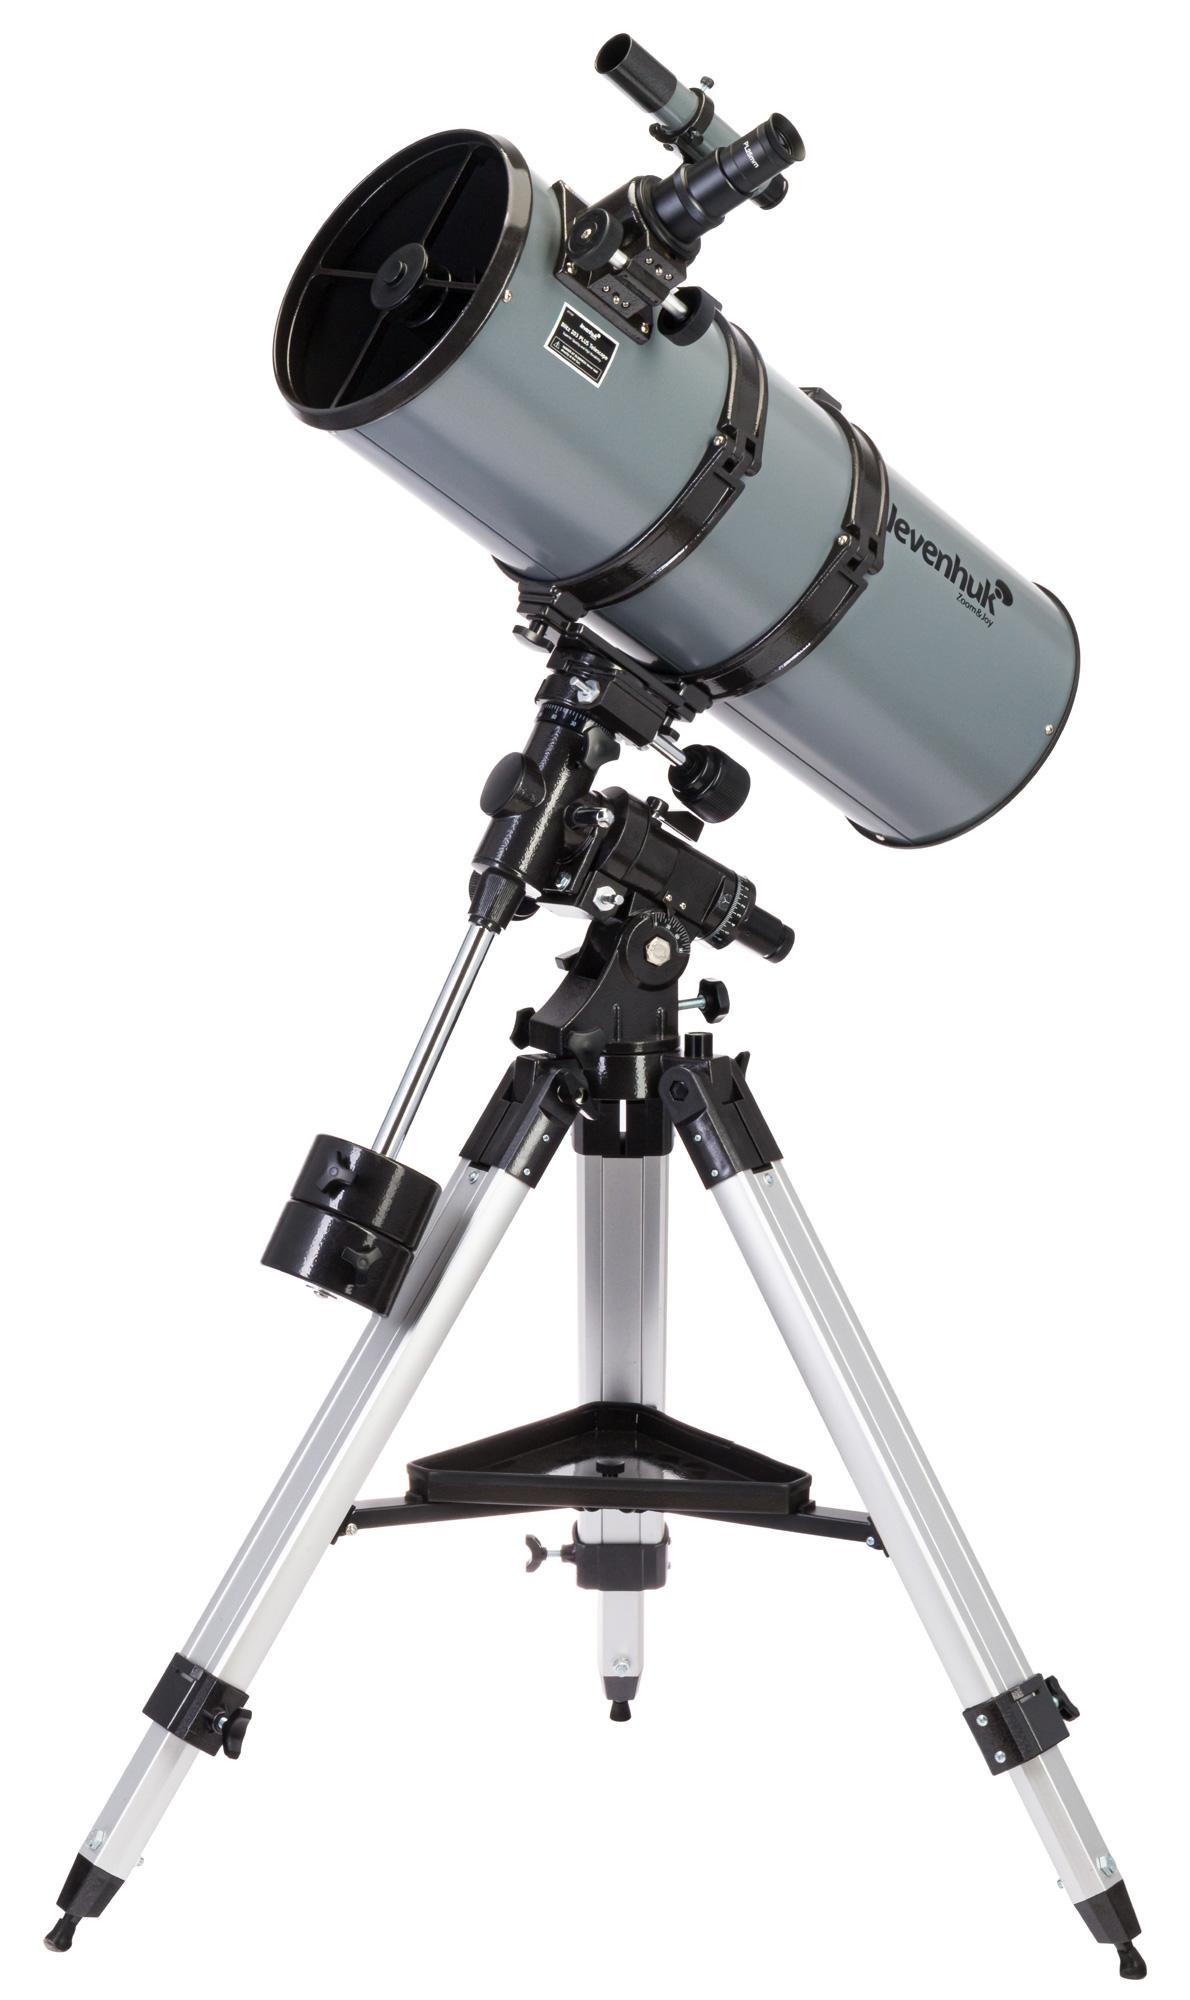 Картинка для Телескоп Levenhuk (Левенгук) Blitz 203 PLUS